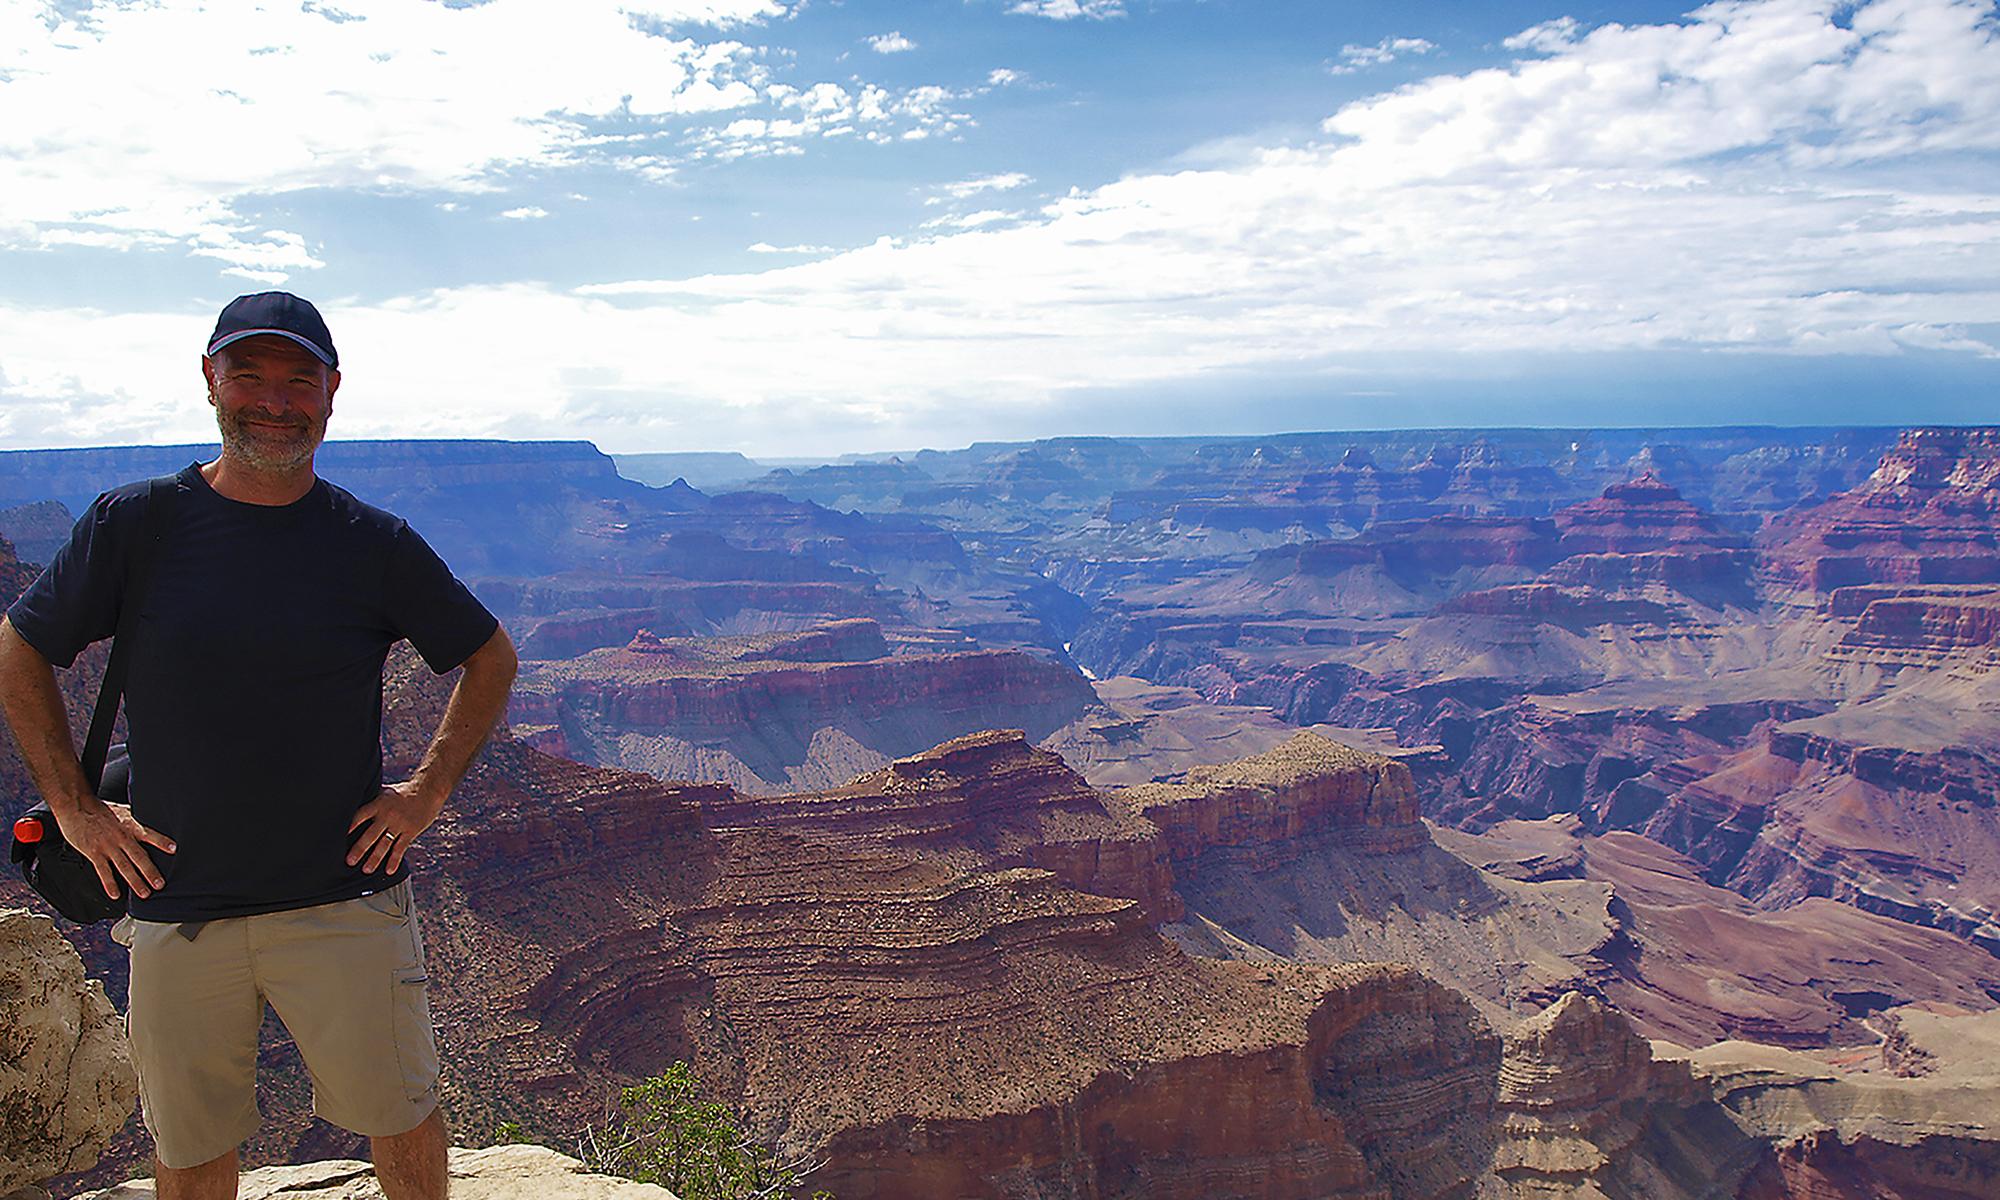 Joan i panoràmica del Grand Canyon des de Moran Point